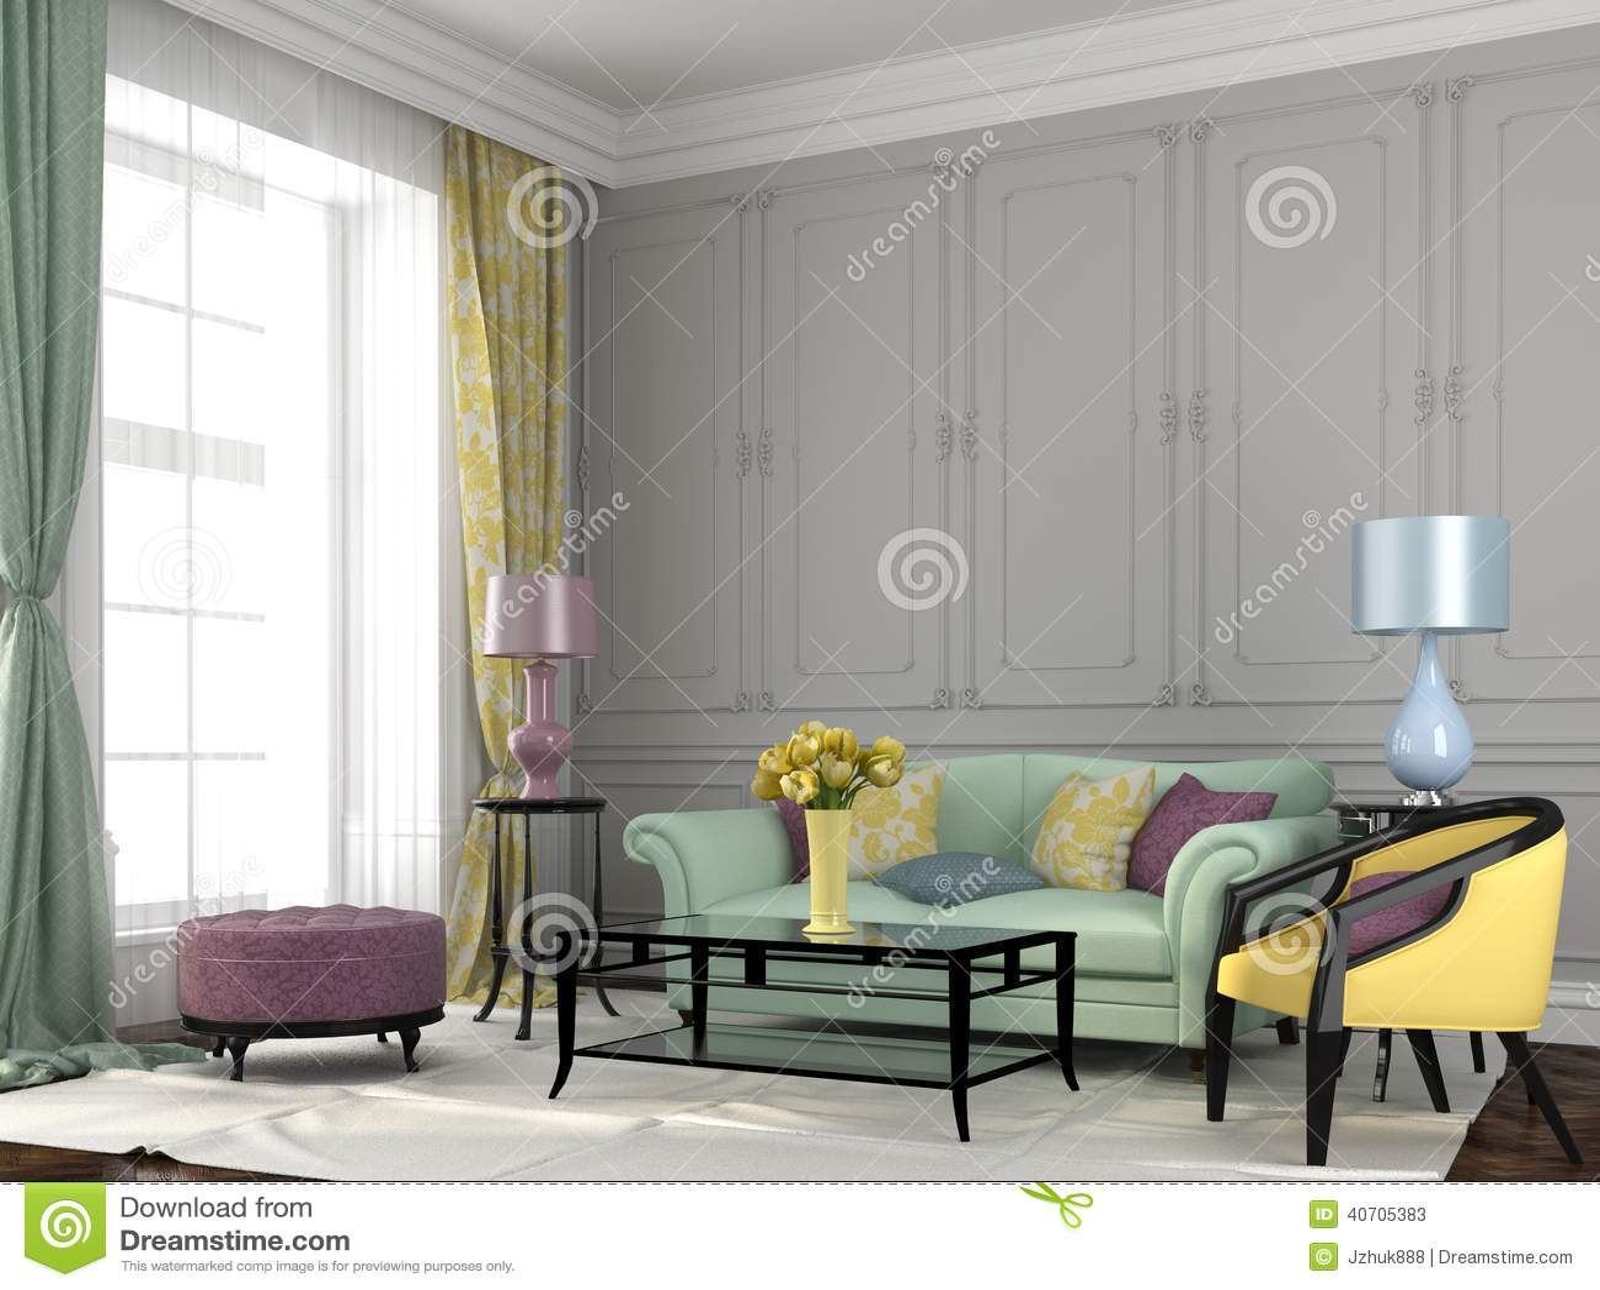 interior colorful wallpaper right - photo #8